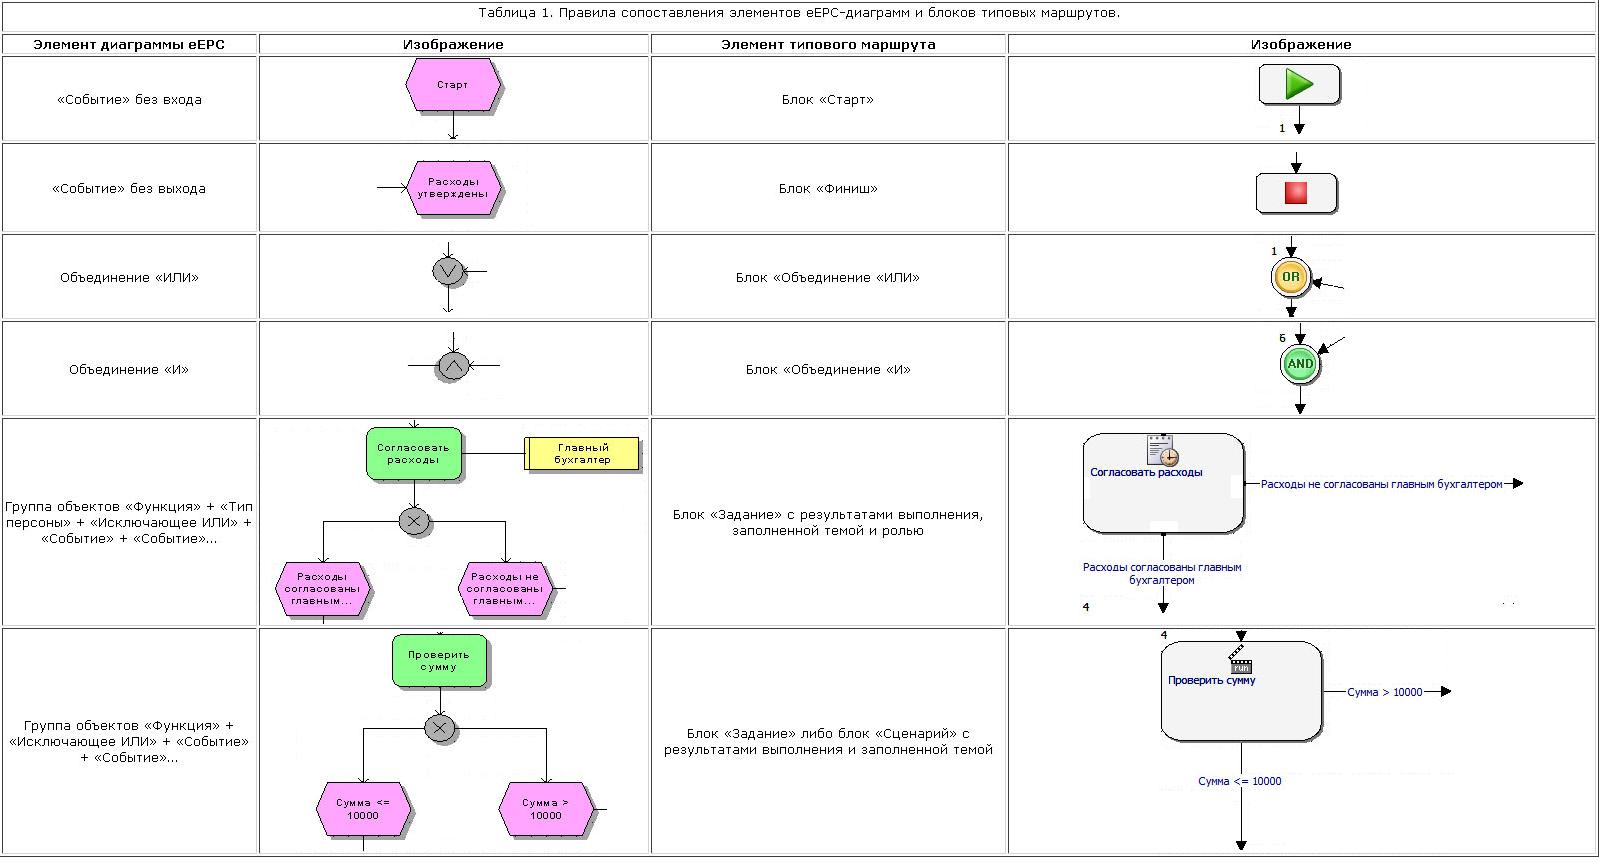 Блок схемы алгоритмов в visio